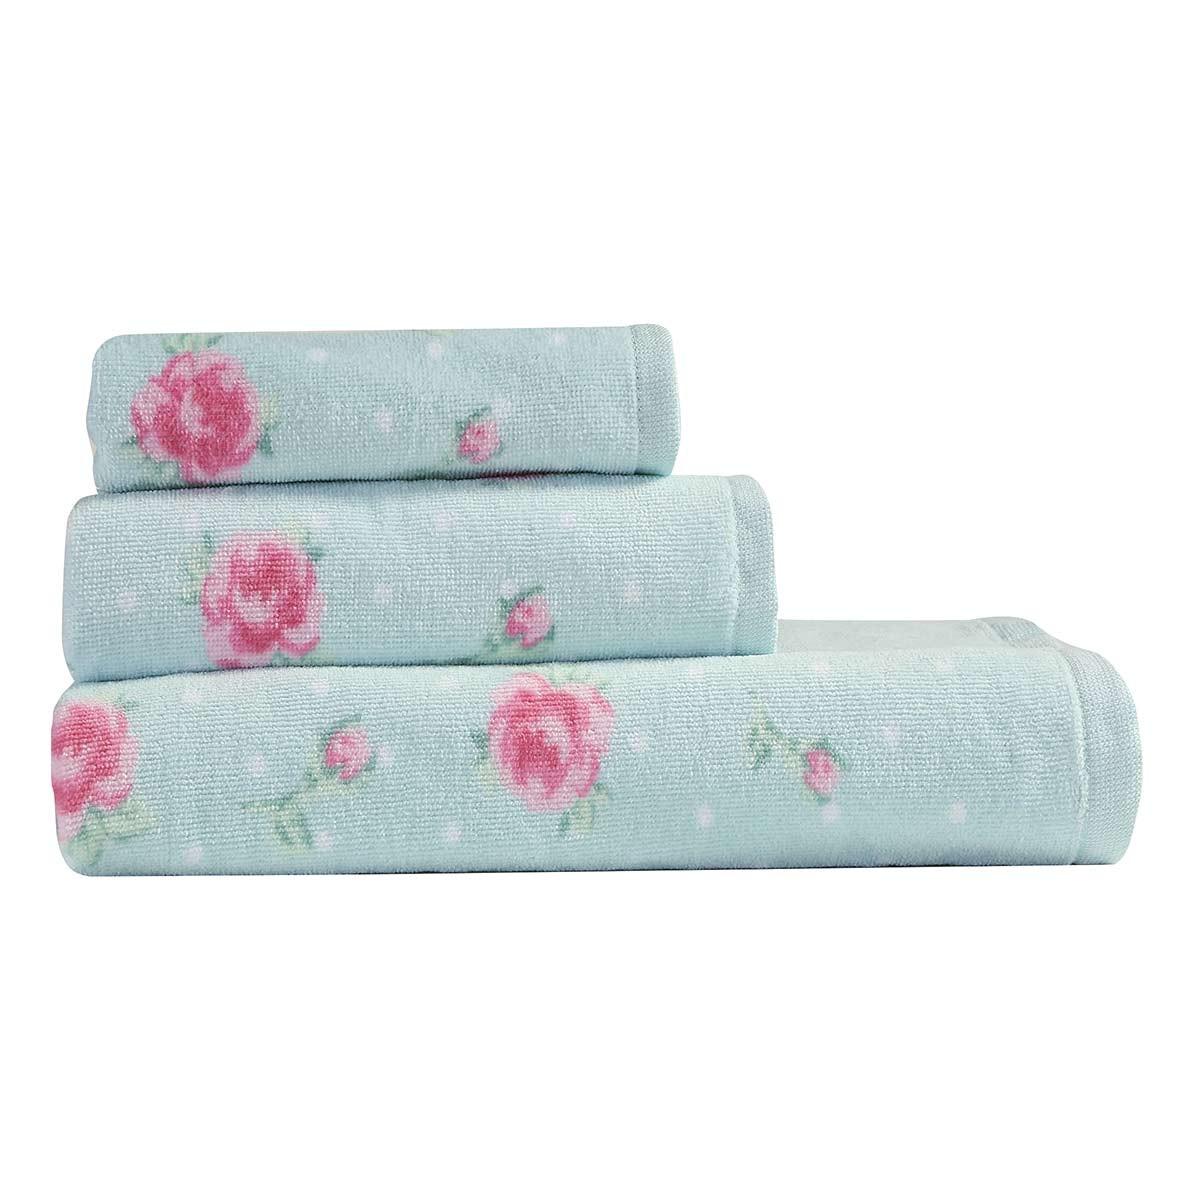 Πετσέτες Μπάνιου (Σετ 3τμχ) Nef-Nef Bath Floral